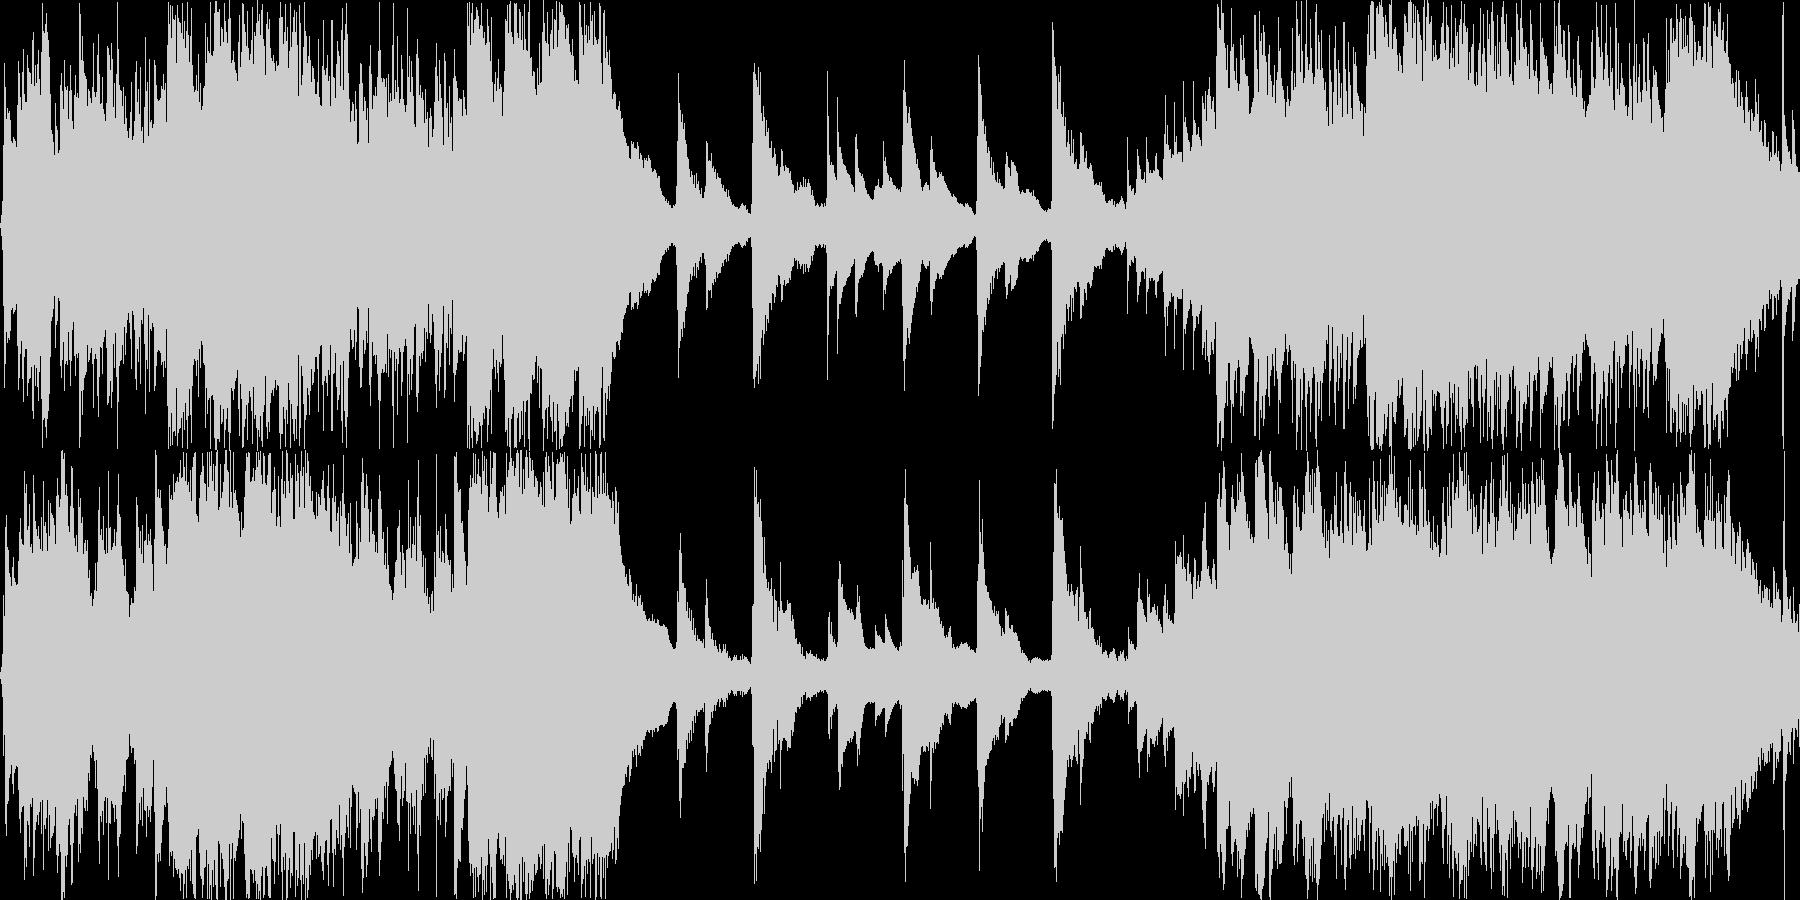 ストロークメインの爽やかなアコギ曲の未再生の波形